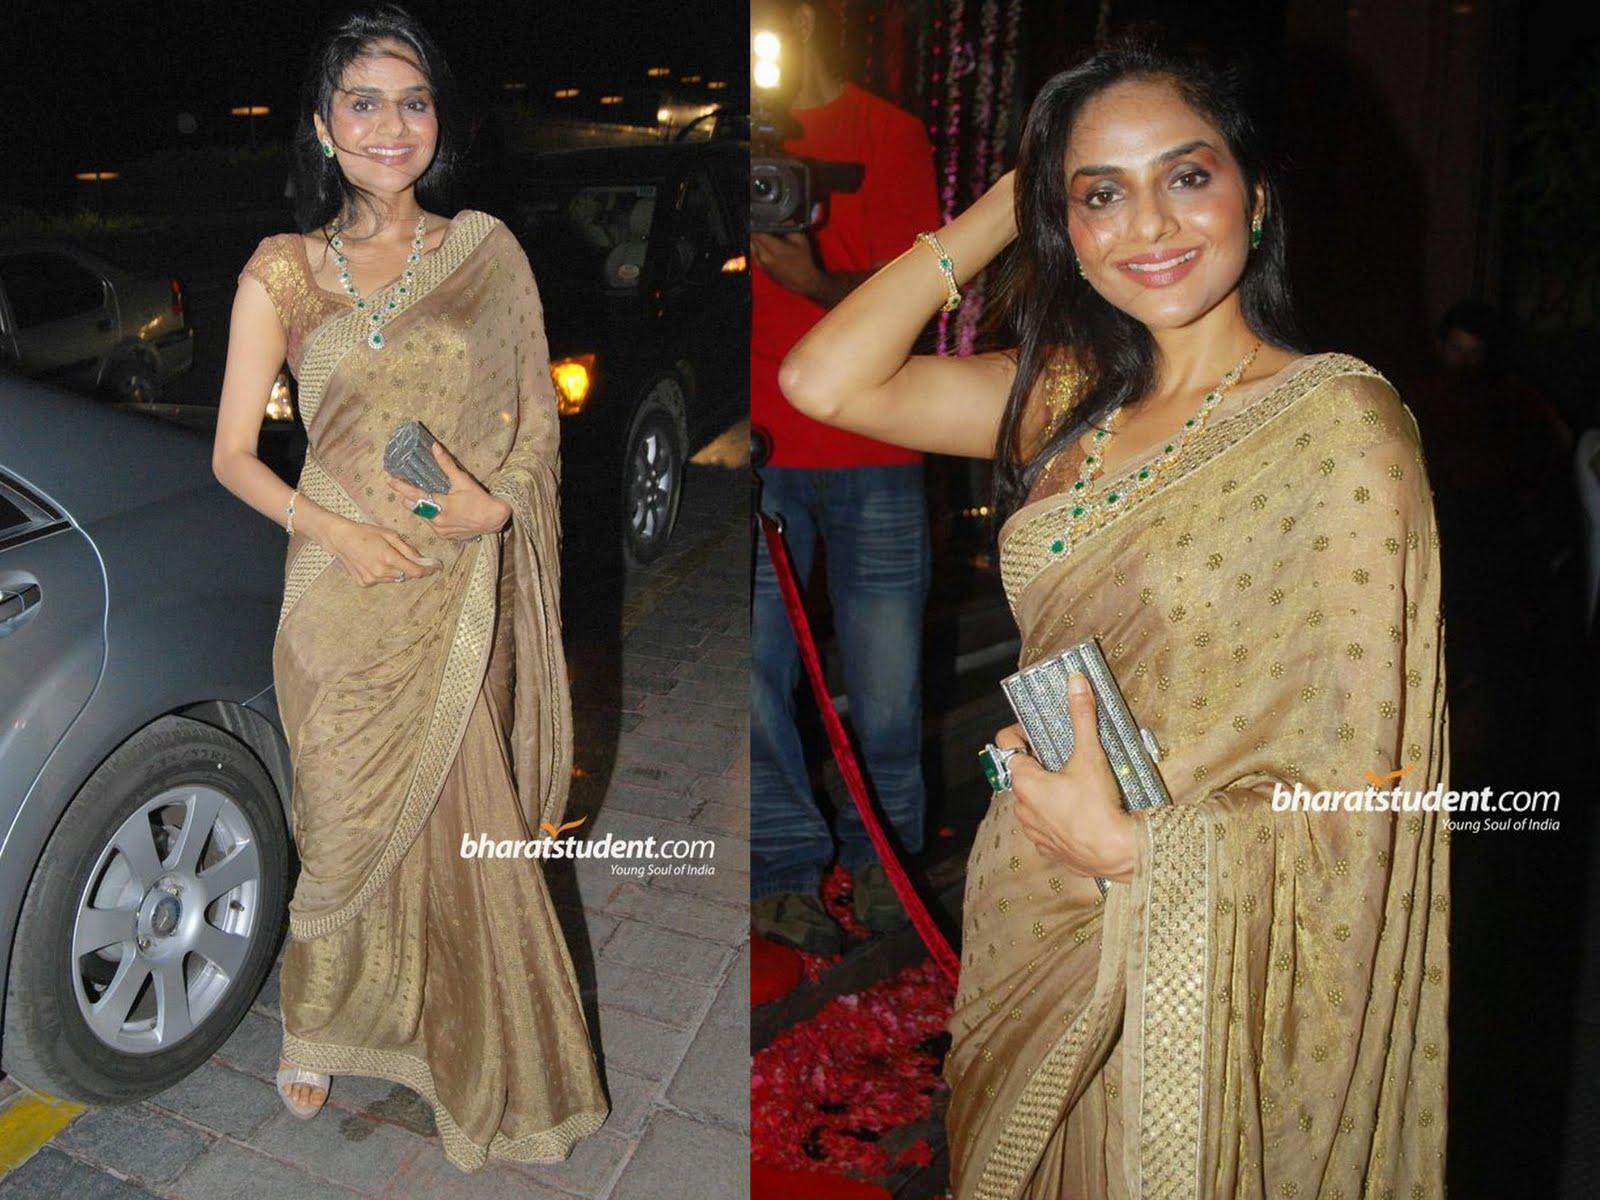 http://2.bp.blogspot.com/_58_qEOwiSDY/S8nfAL4uK0I/AAAAAAAACqg/rcvnDuqxC_8/s1600/Madhoo-Shah-Designer-Saree-Laila-Khan-Wedding.jpg